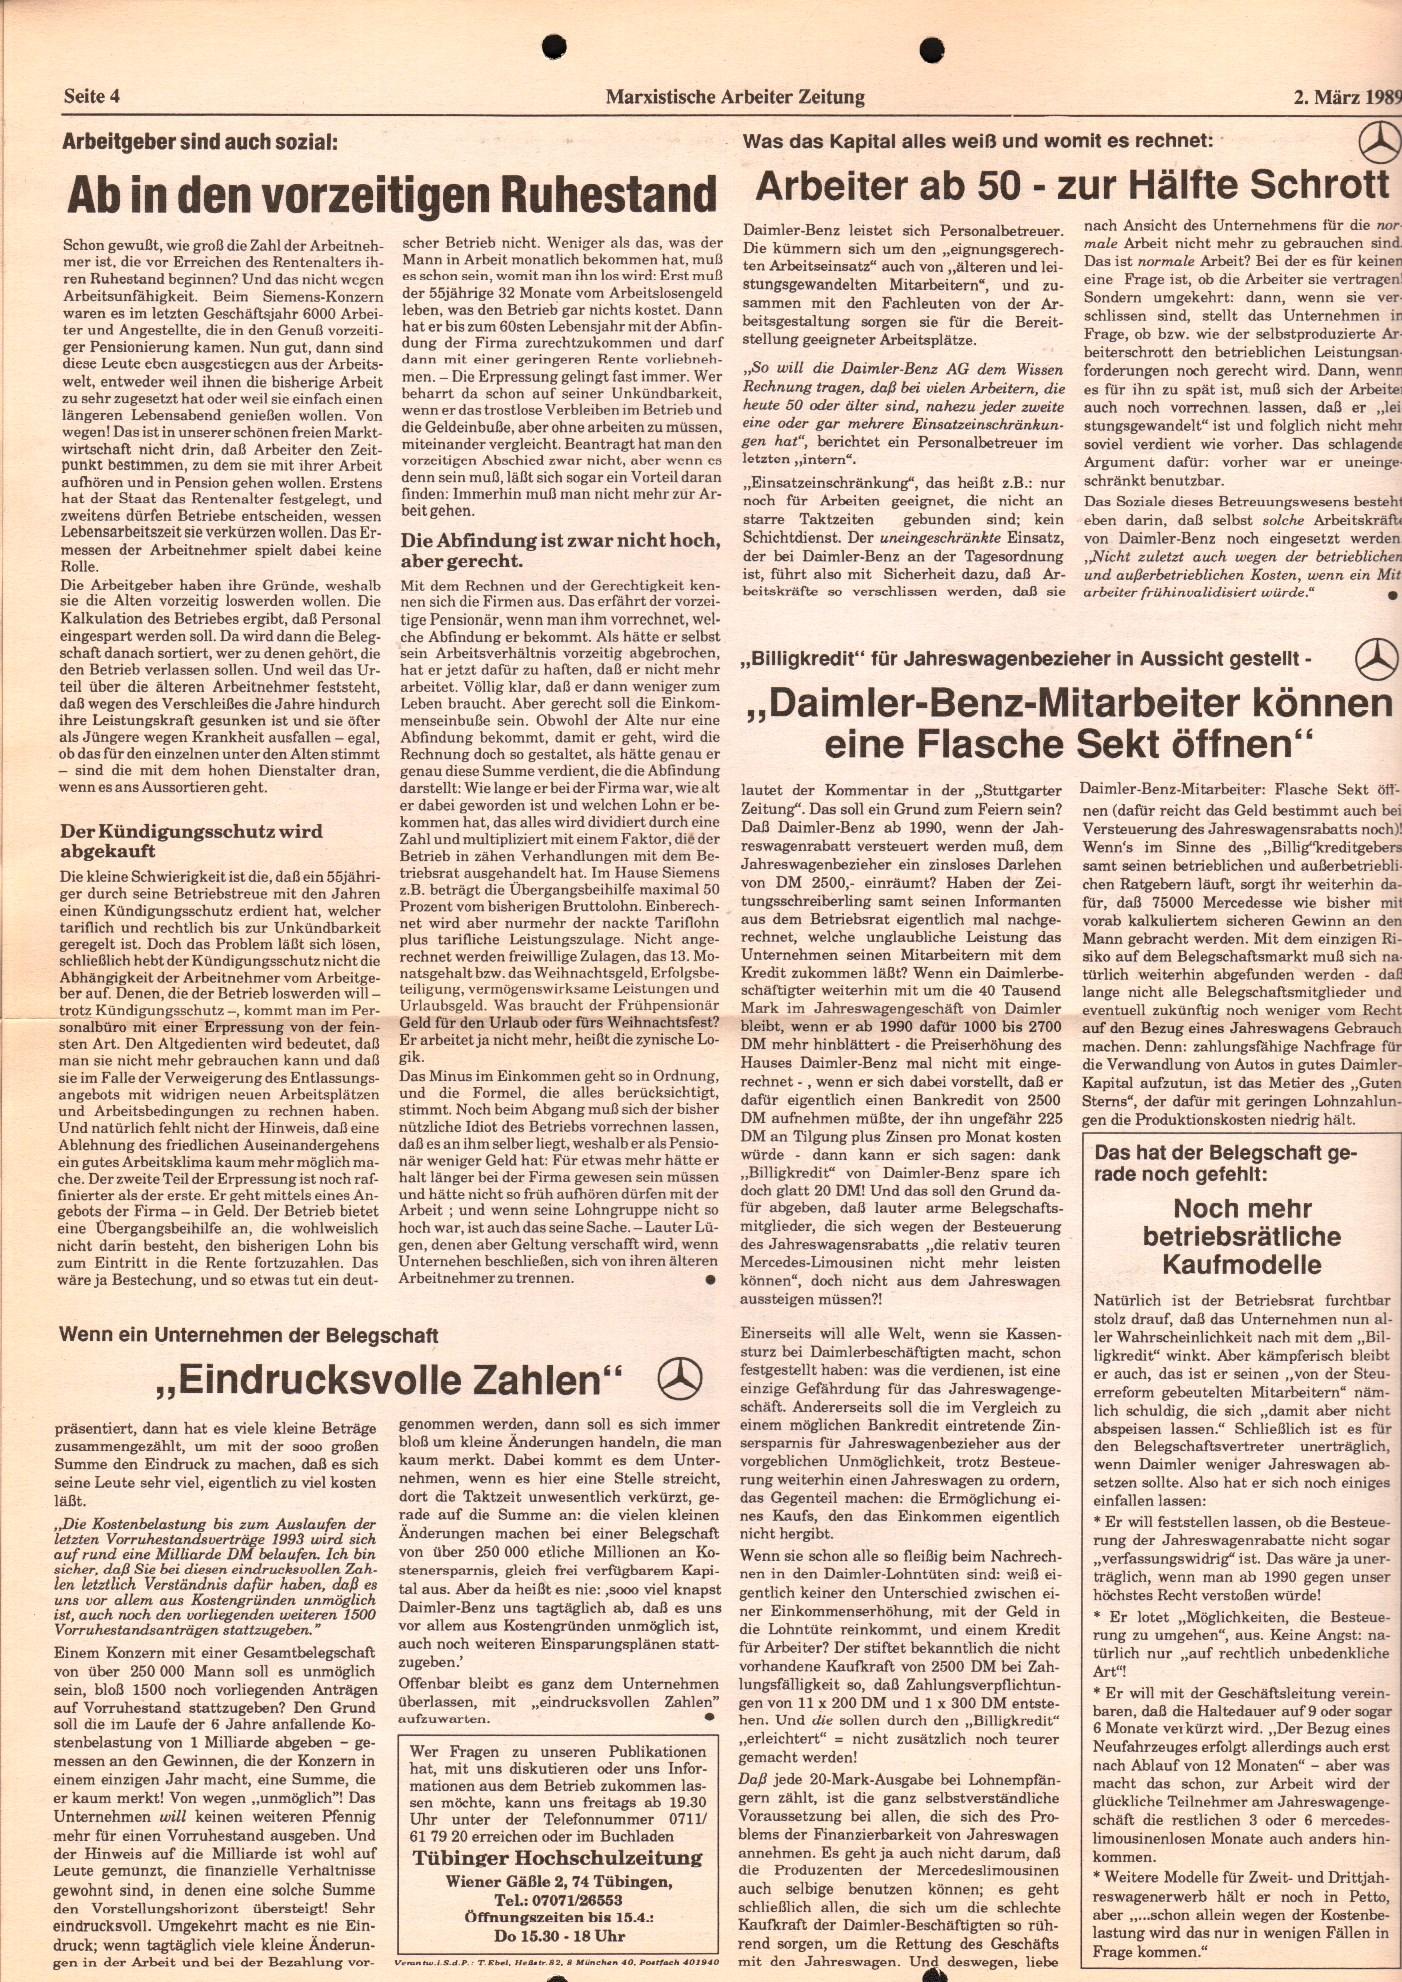 BW_MG_Marxistische_Arbeiterzeitung_19890302_04